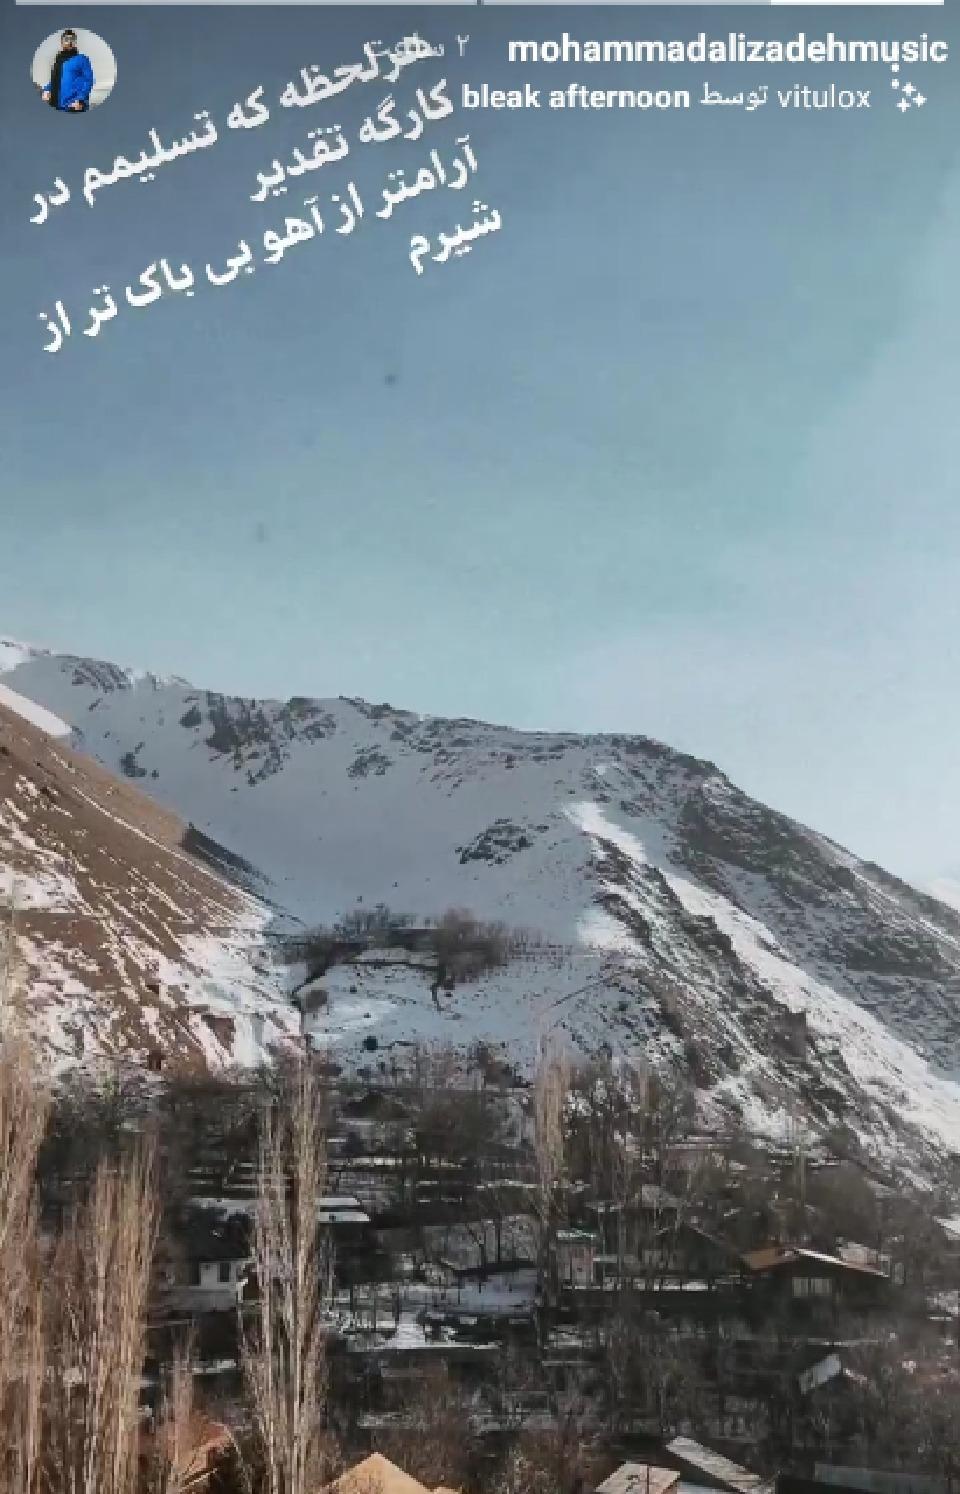 استوری زیبای مجمد علیزاده